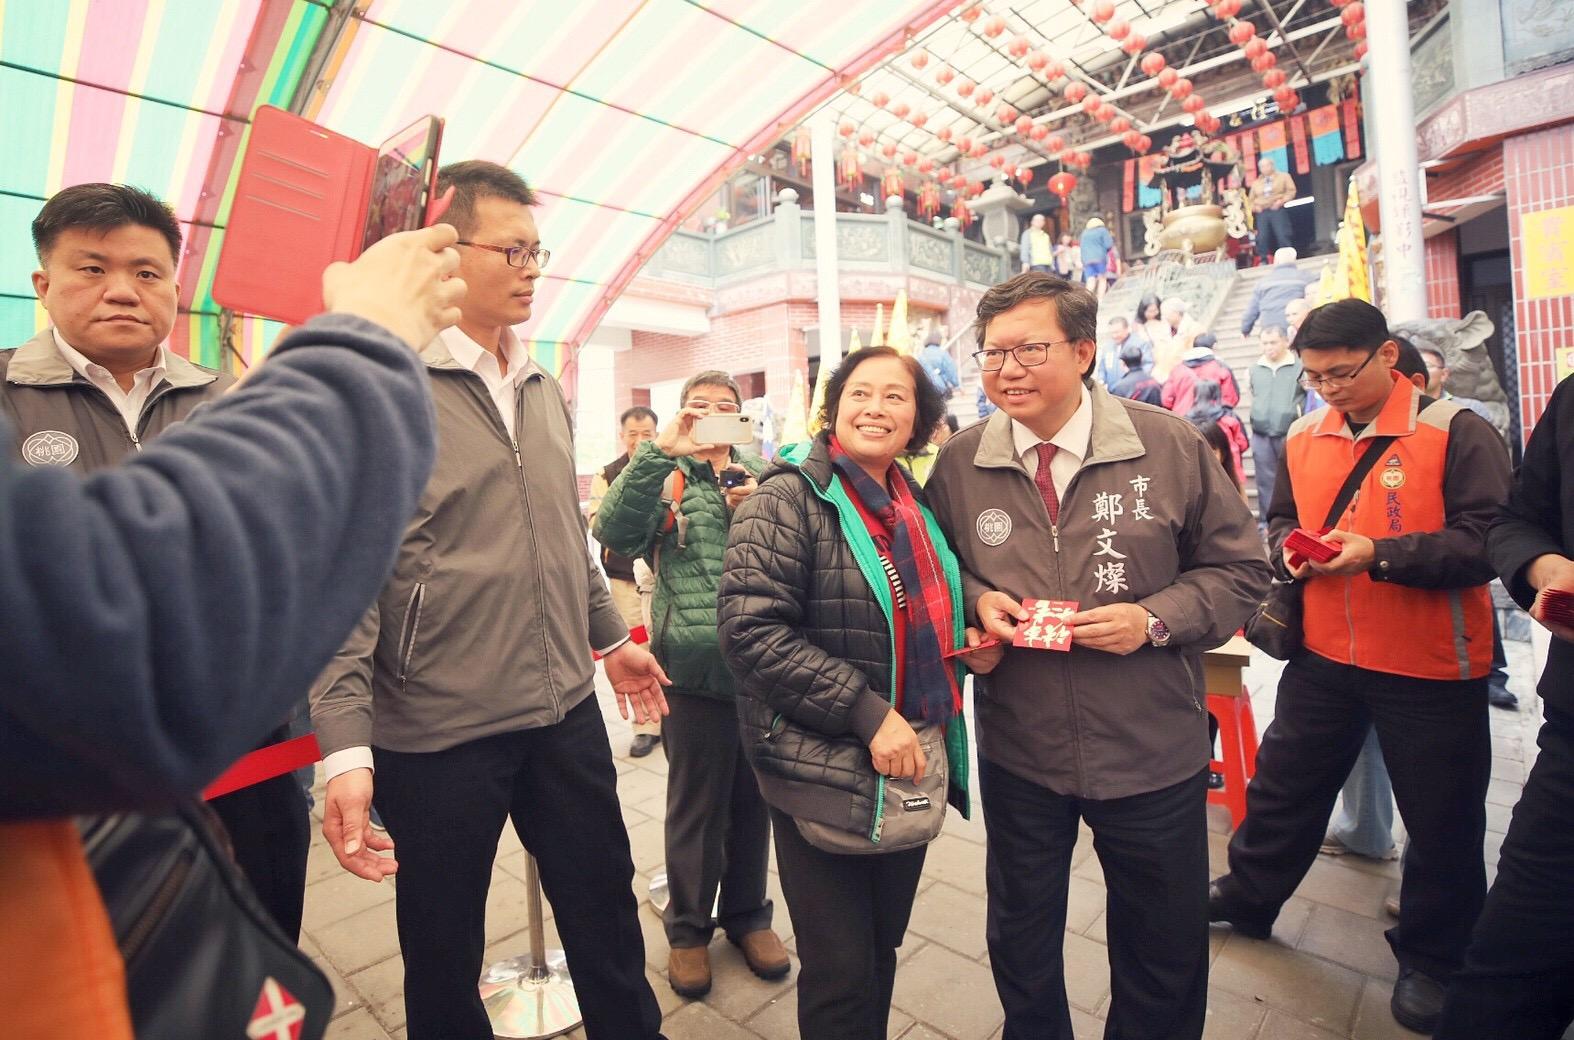 市長與市民朋友合影